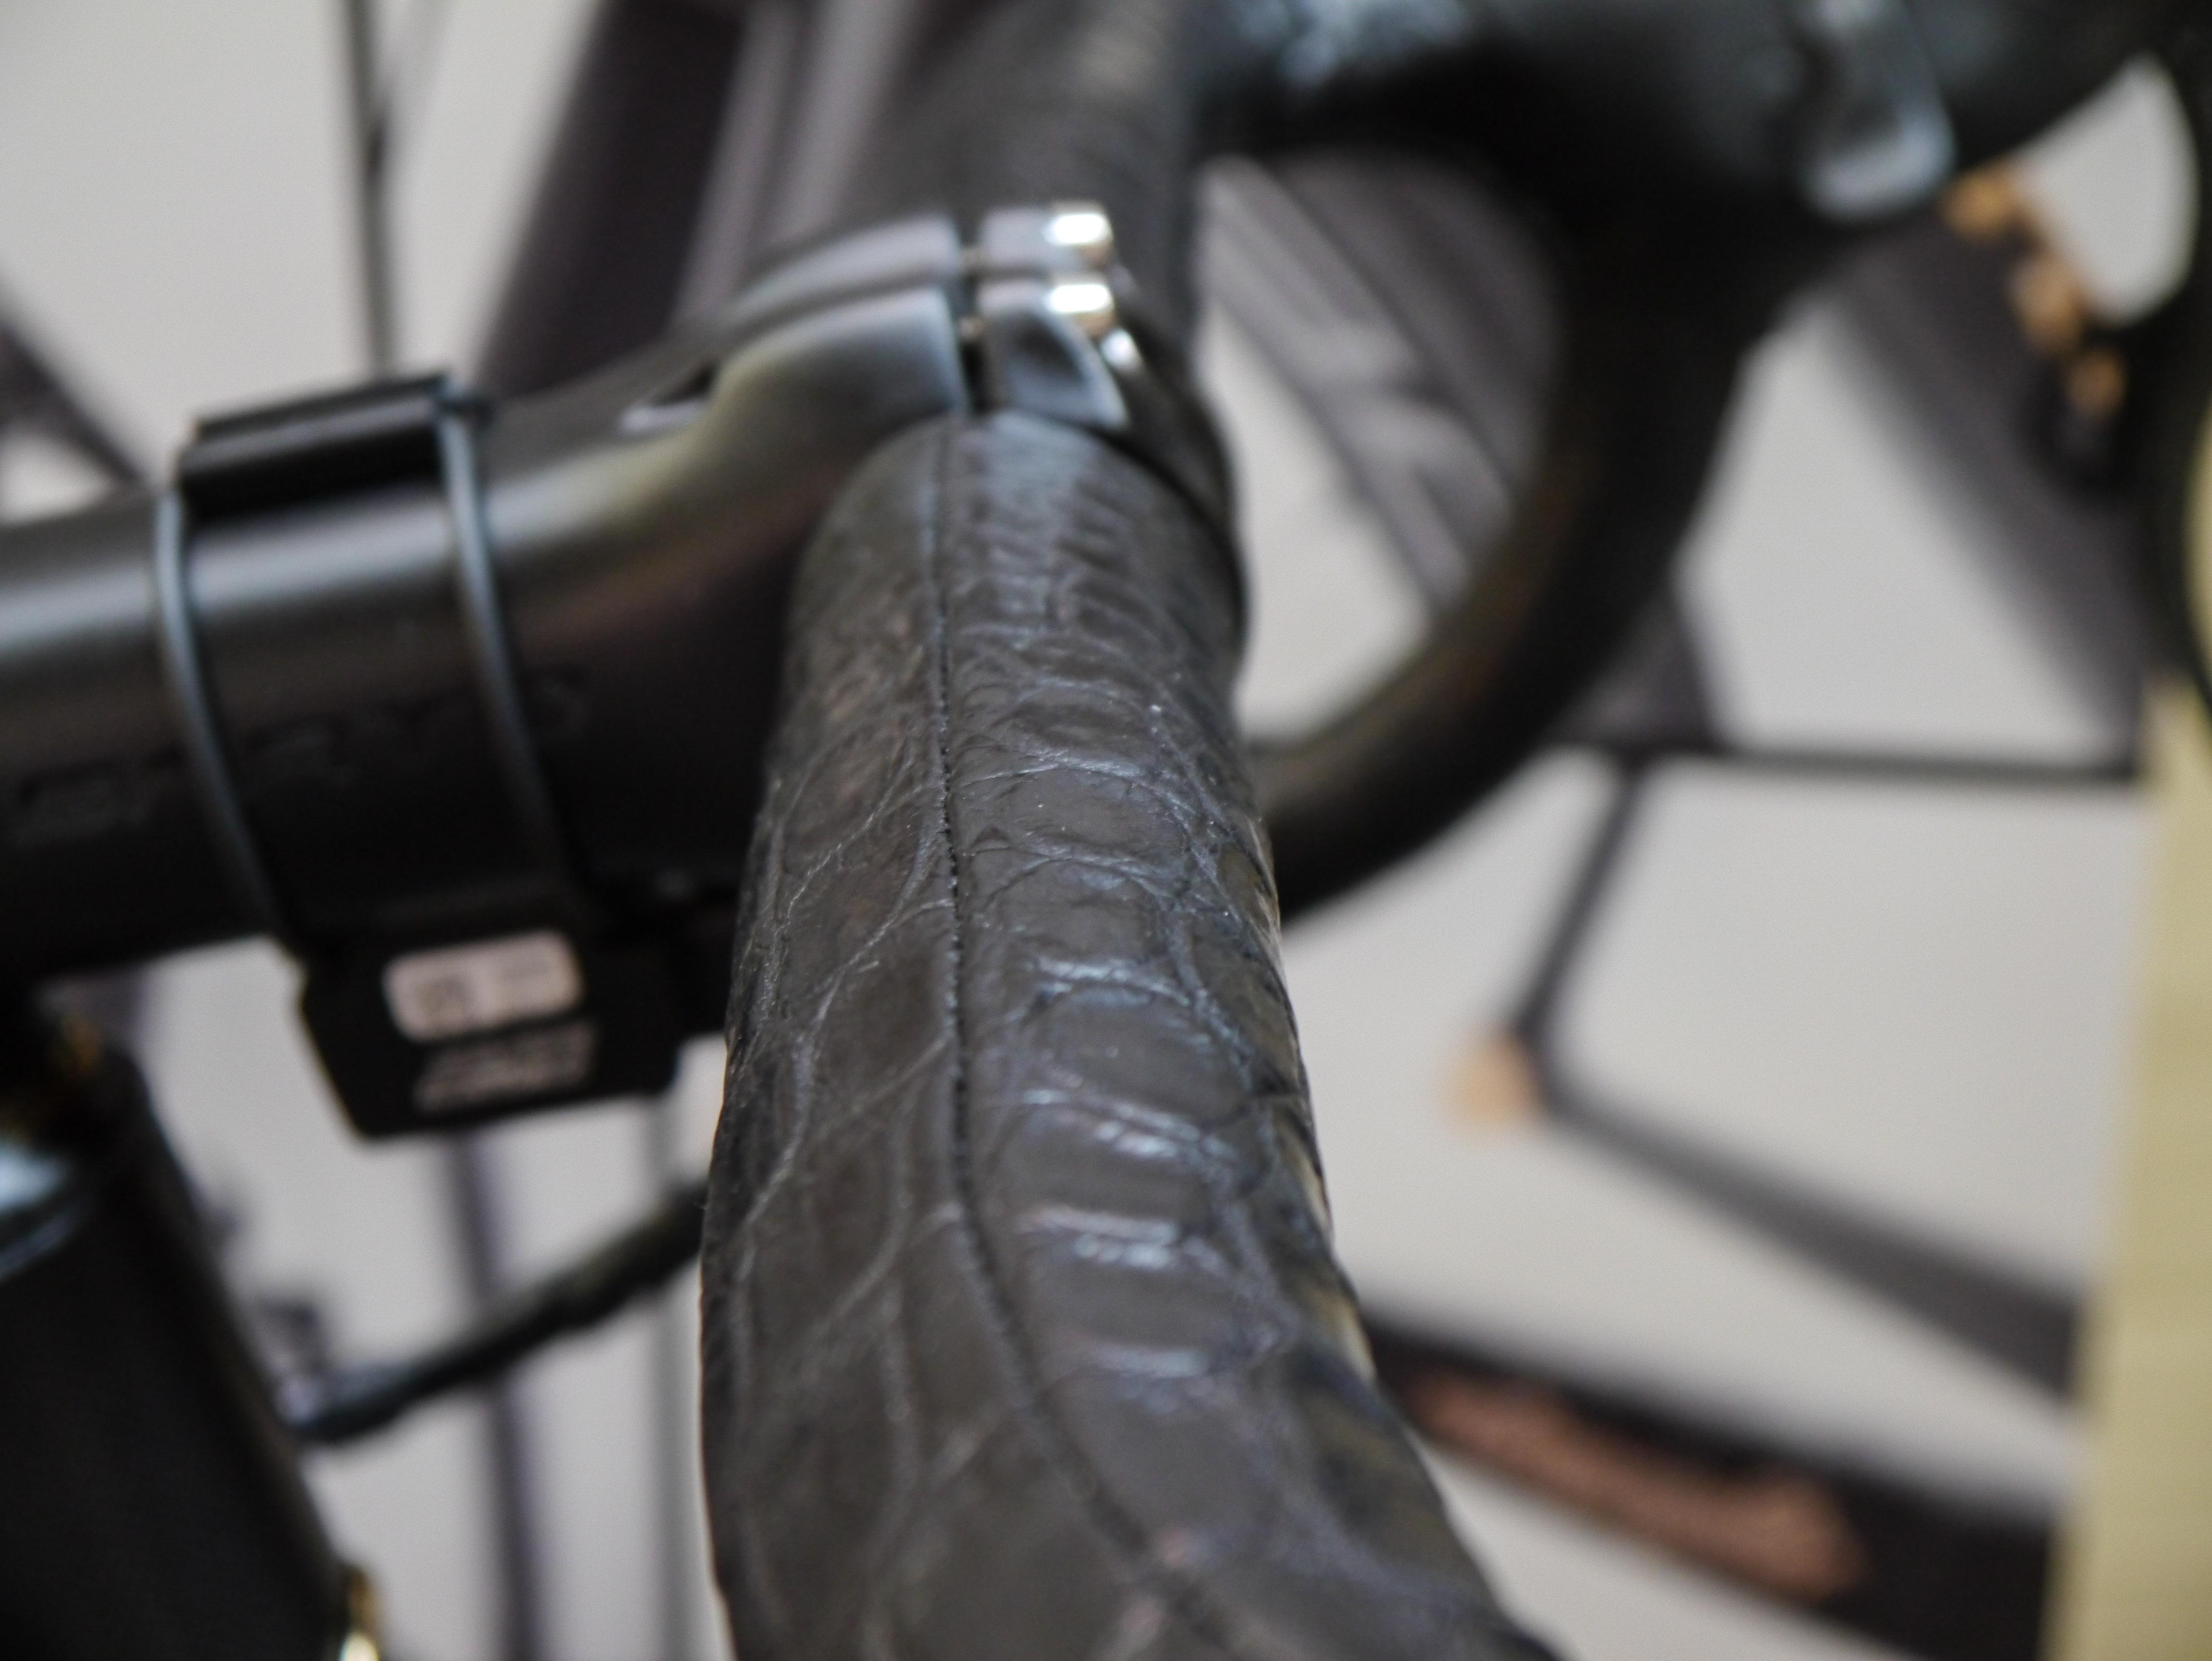 Lenkerband im Kroko-Look? Wenn man sein Fahrrad selbst aufbaut, kann man es wirklich individuell ausstatten!